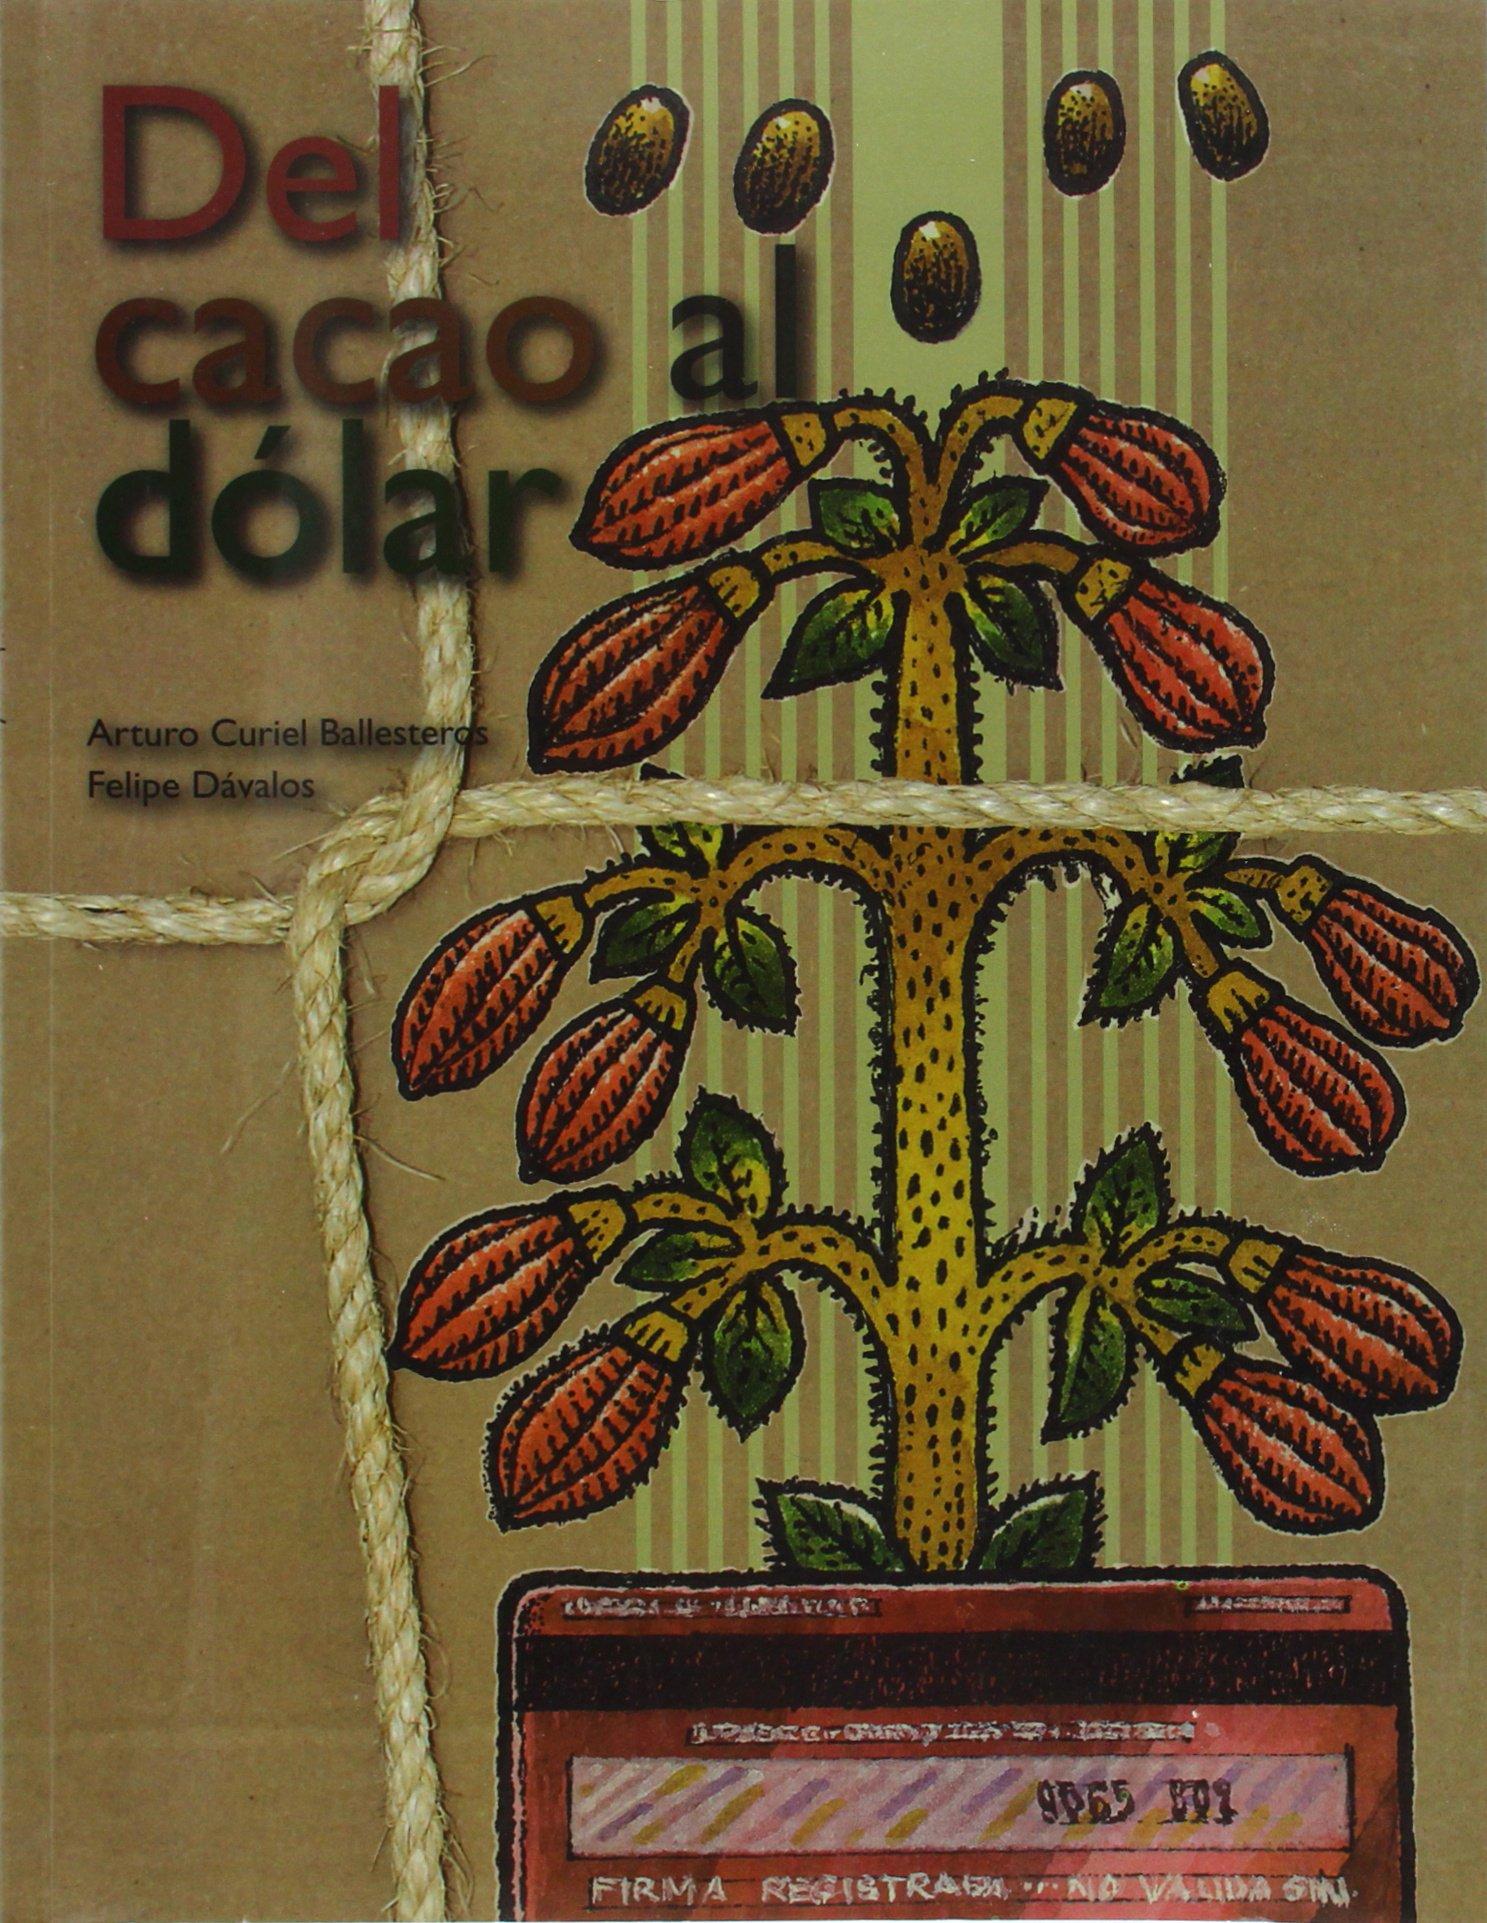 Del cacao al dólar (Spanish Edition)